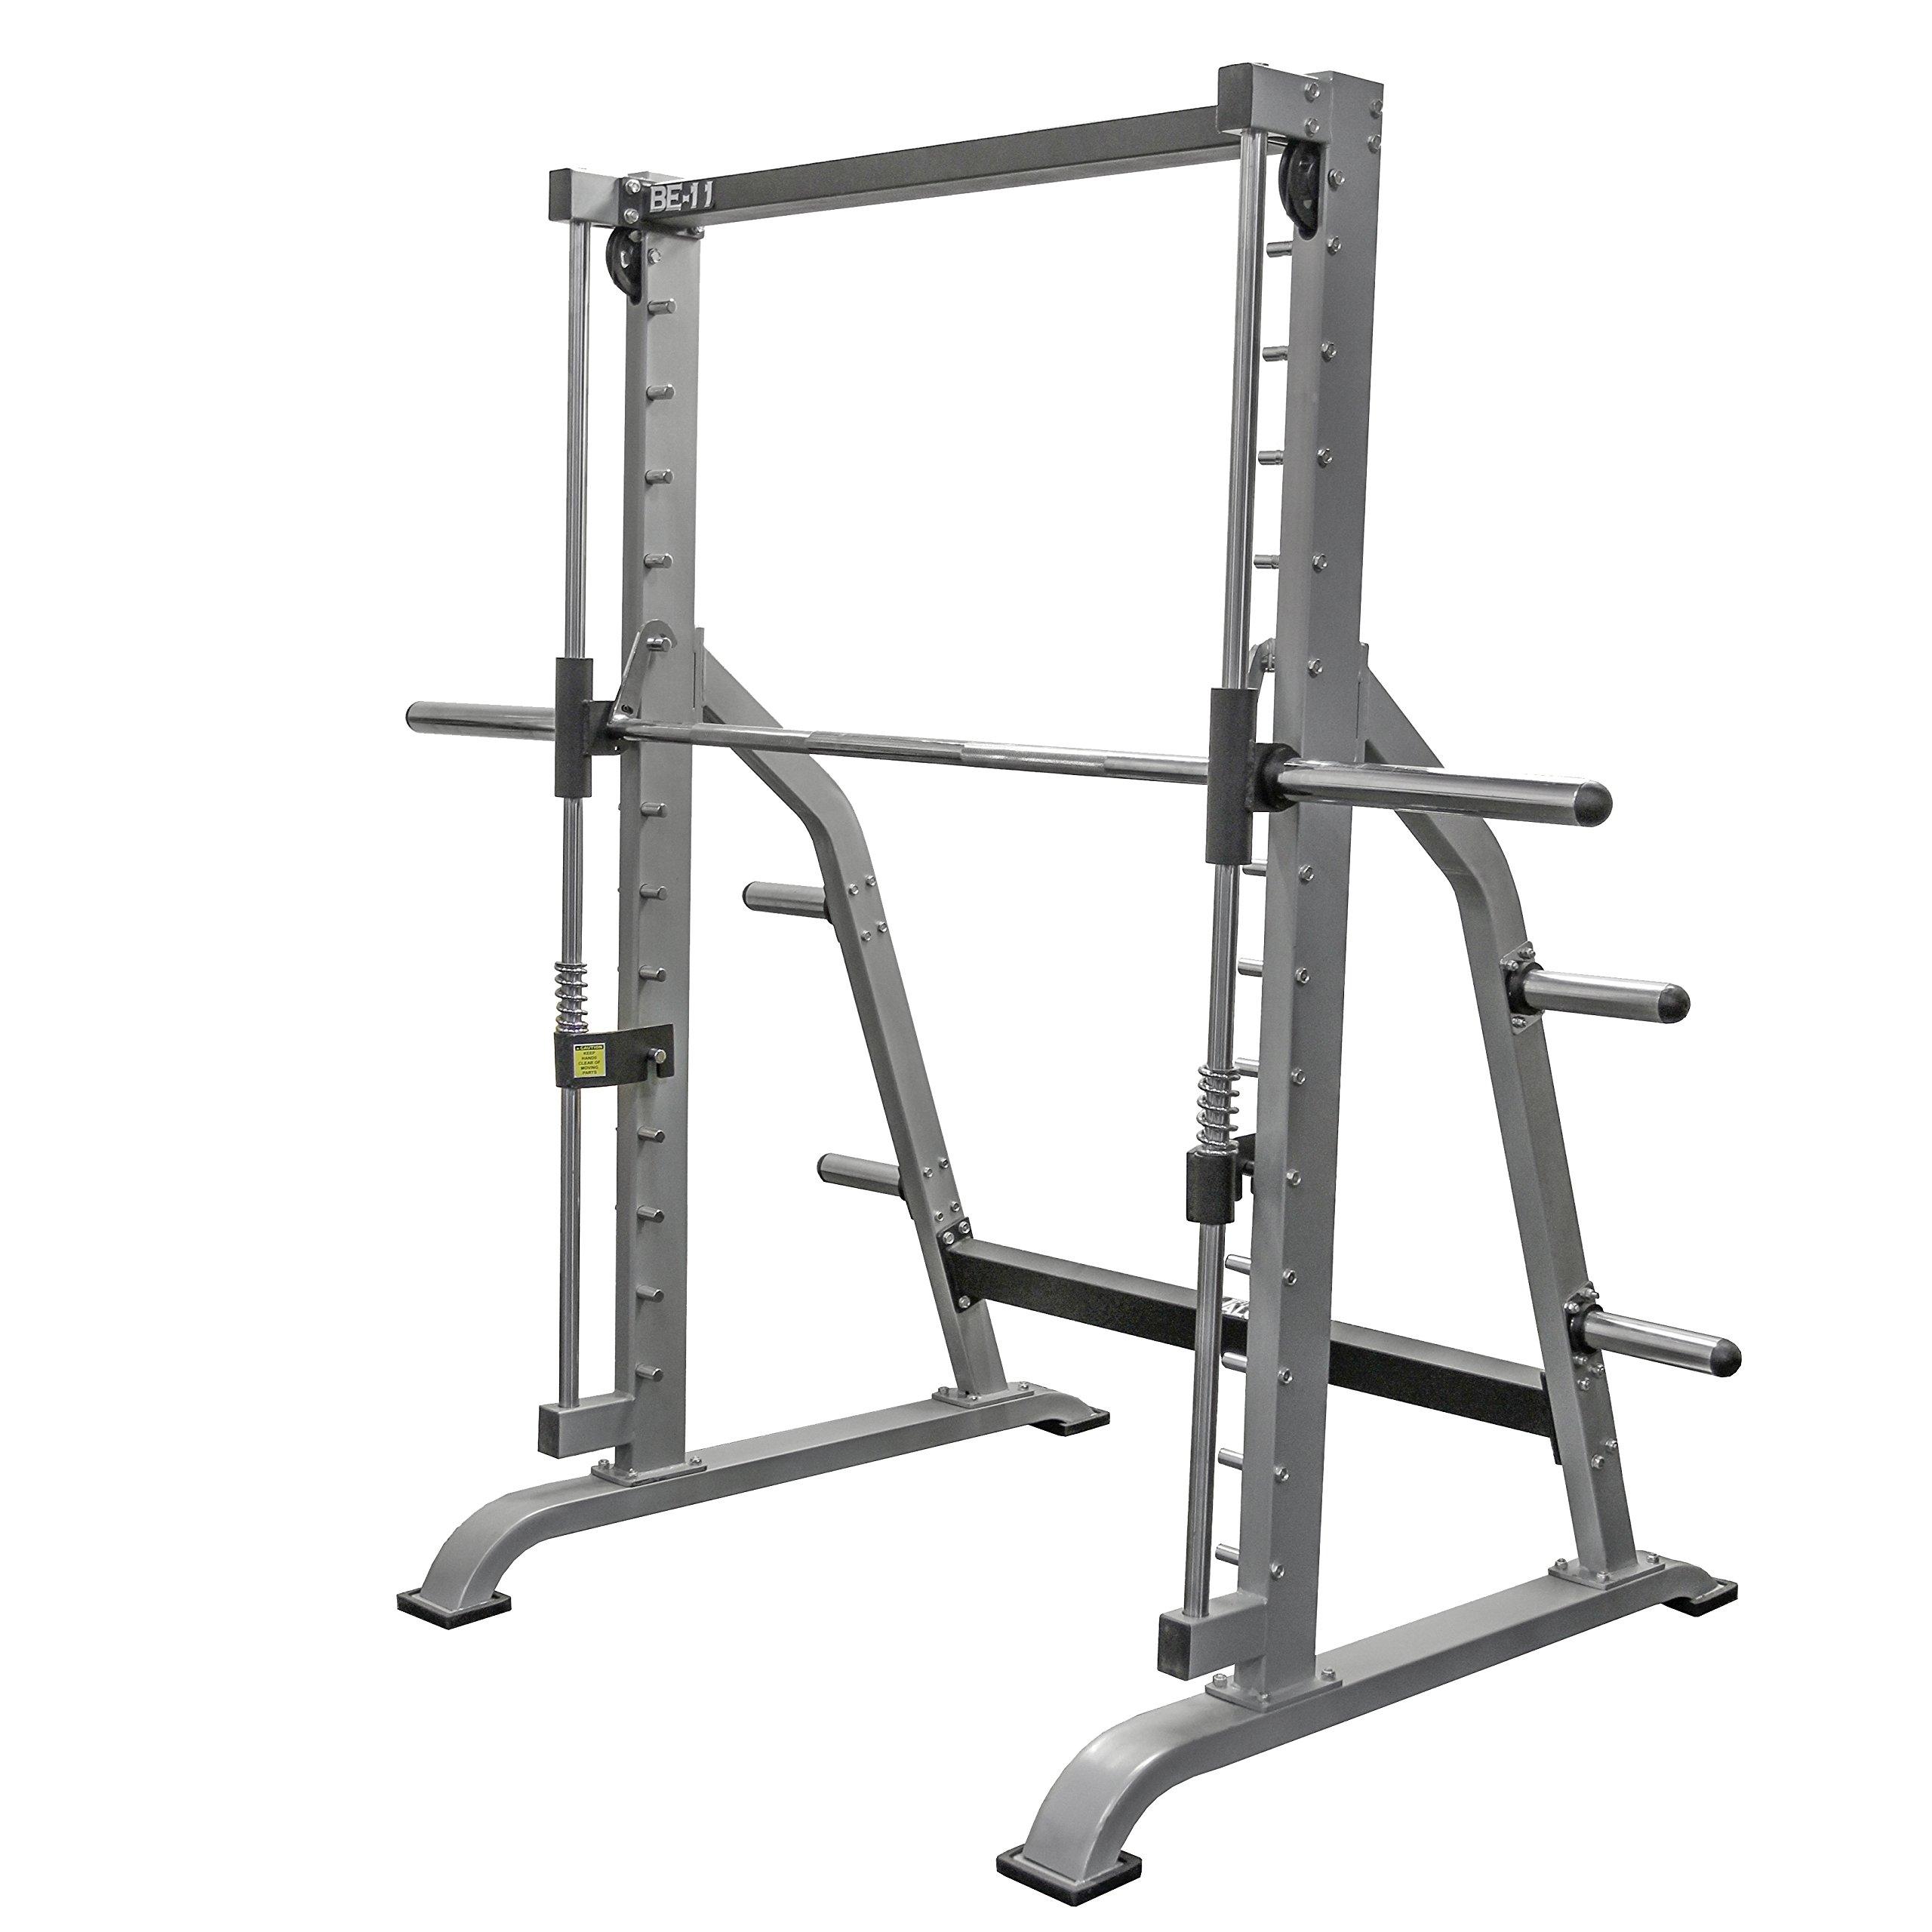 Valor Fitness BE-11 Smith máquina: Amazon.es: Deportes y aire libre